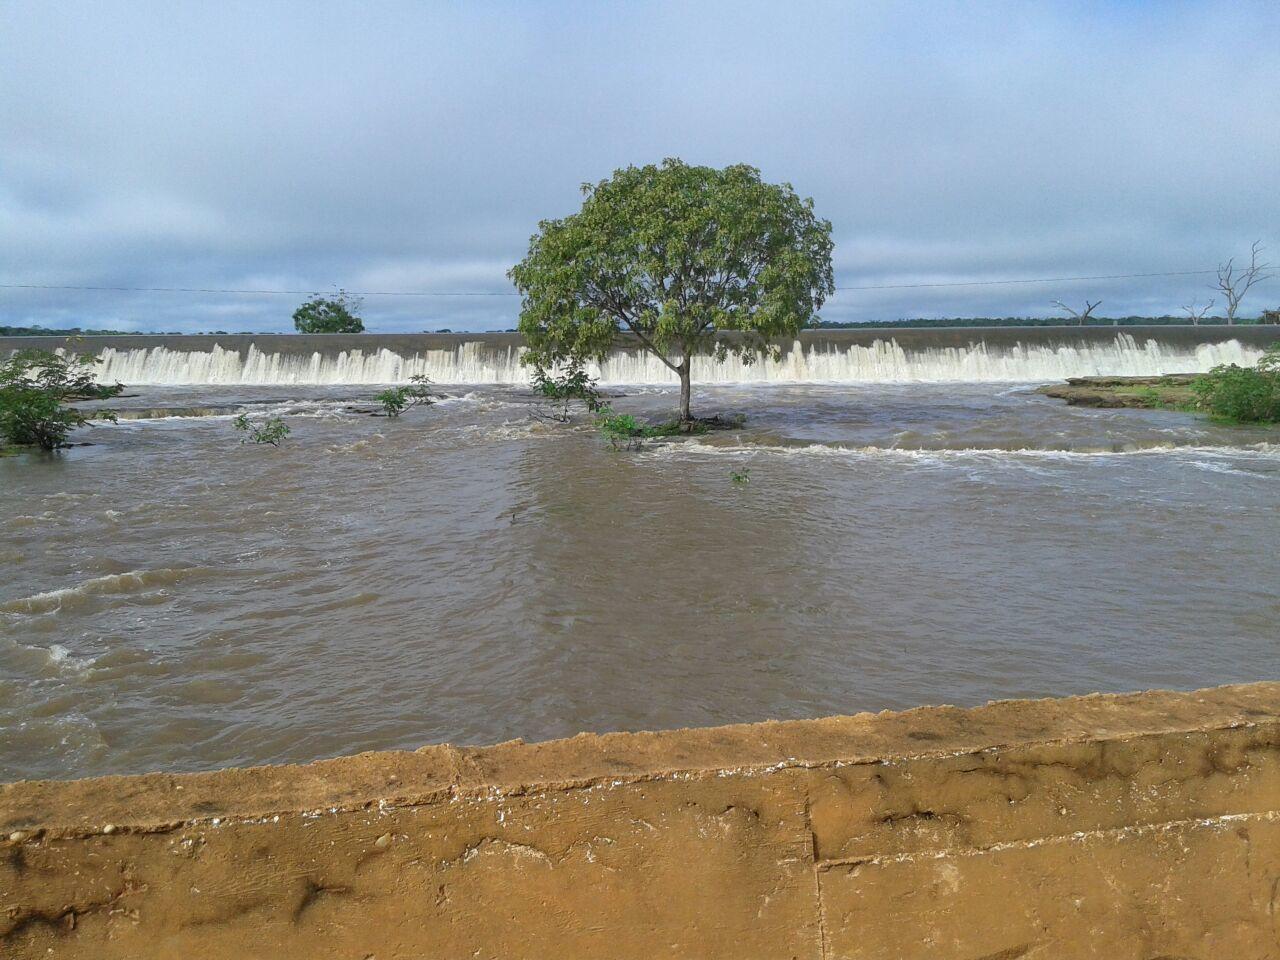 Barragem do Emparedado